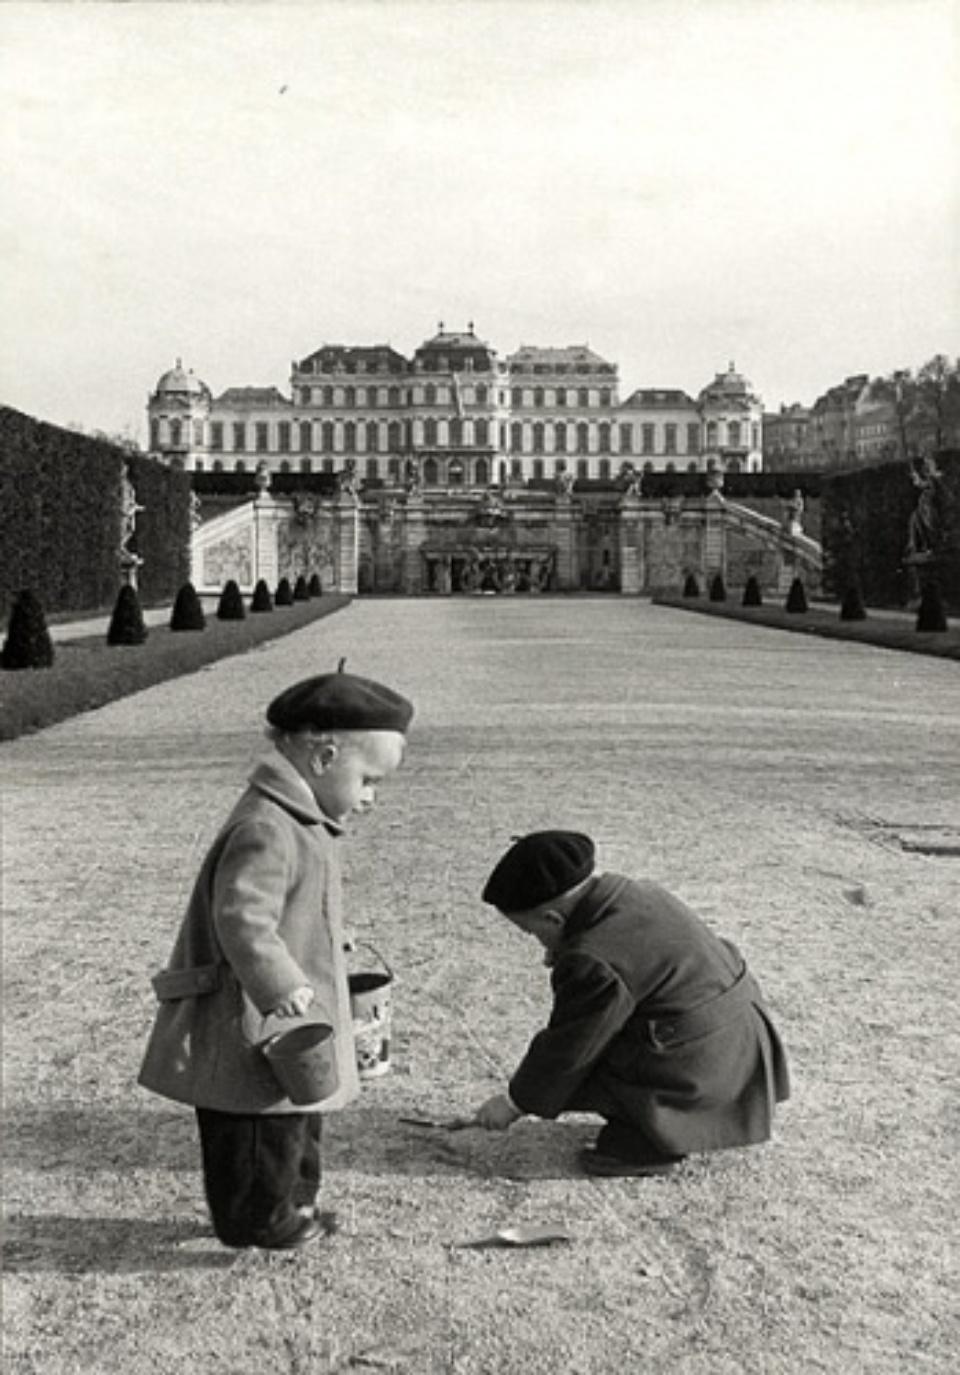 Erich Lessing: Viennese Children Vienna, Austria, 1954